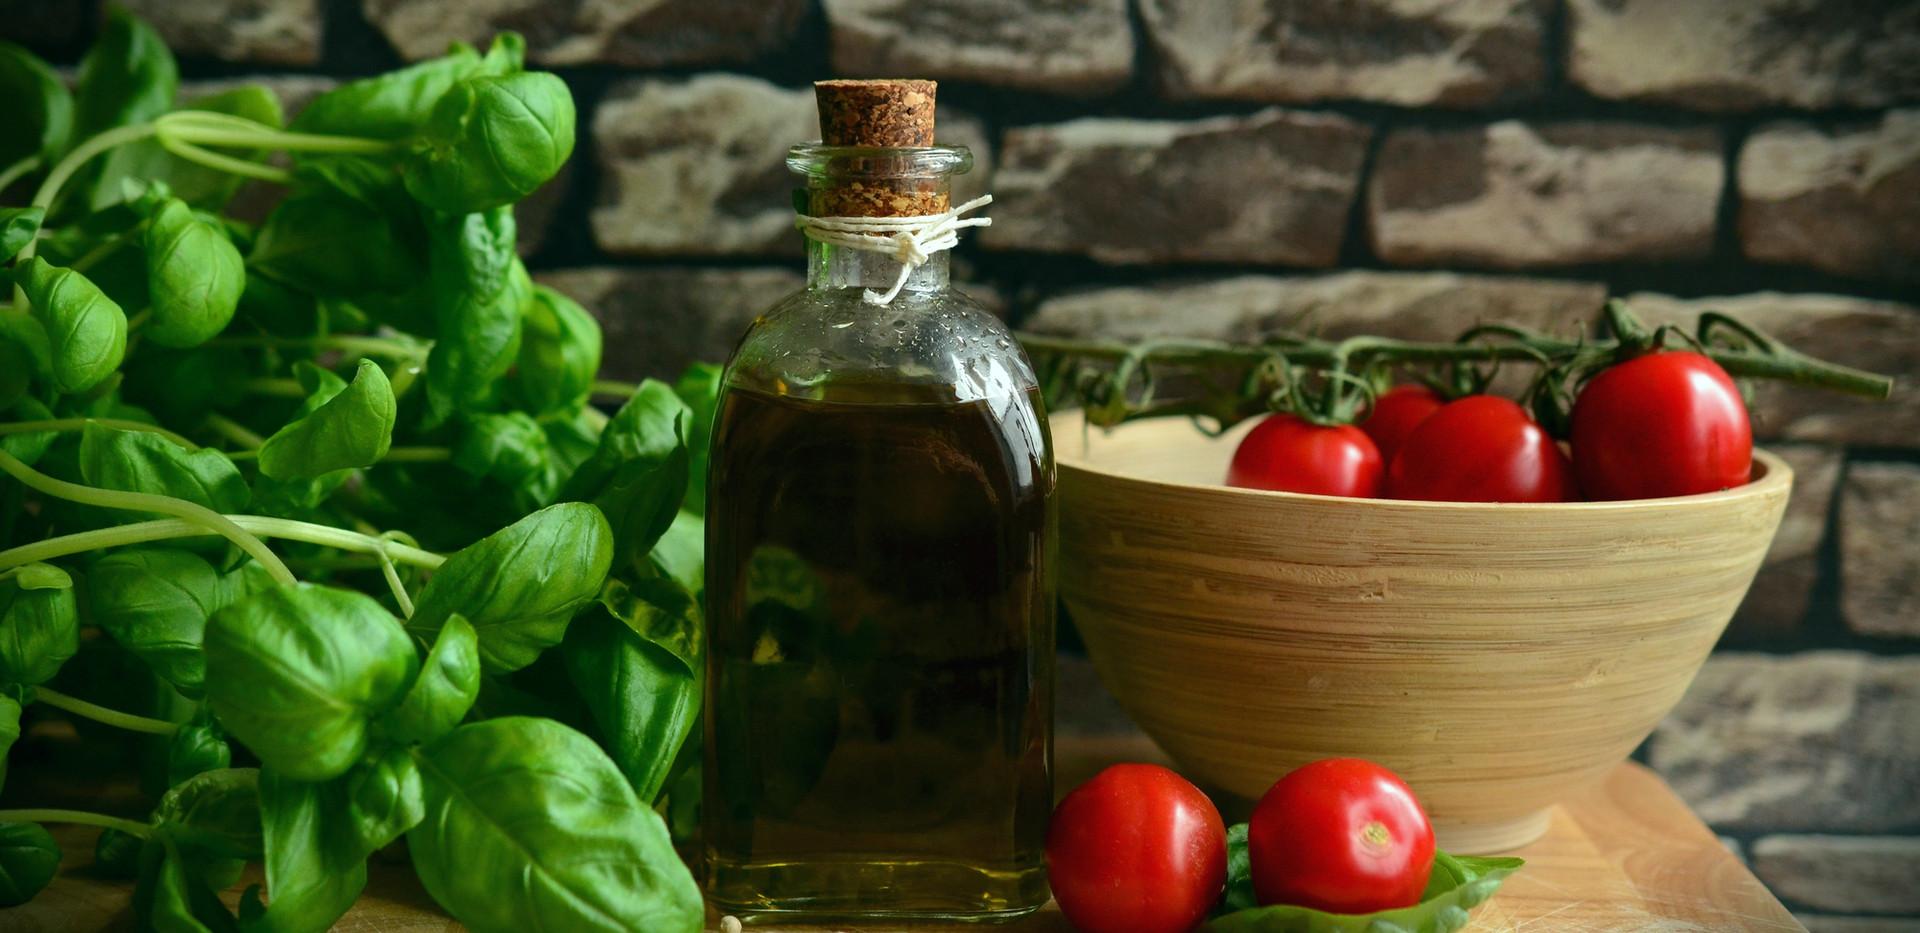 basil-food-fresh-111134.jpg